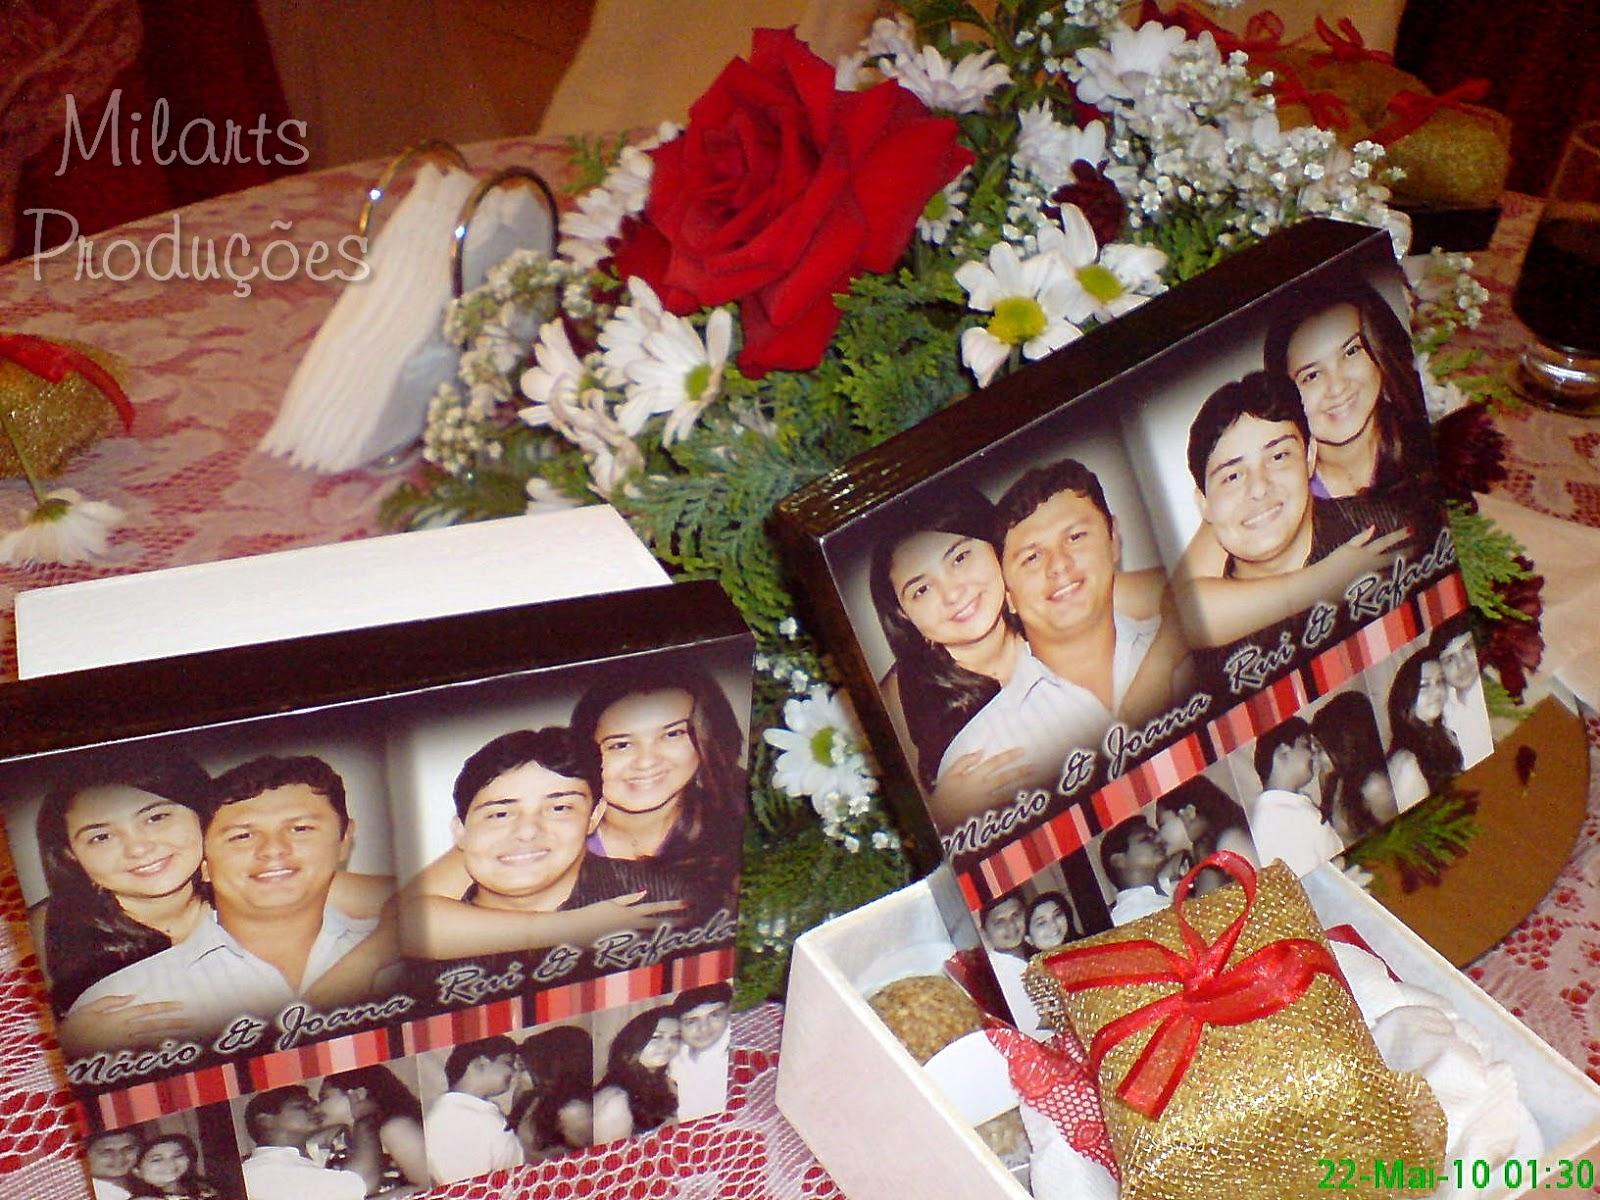 : Lembrança de casamento: Caixa de madeira personalizada com fotos #AB2120 1600x1200